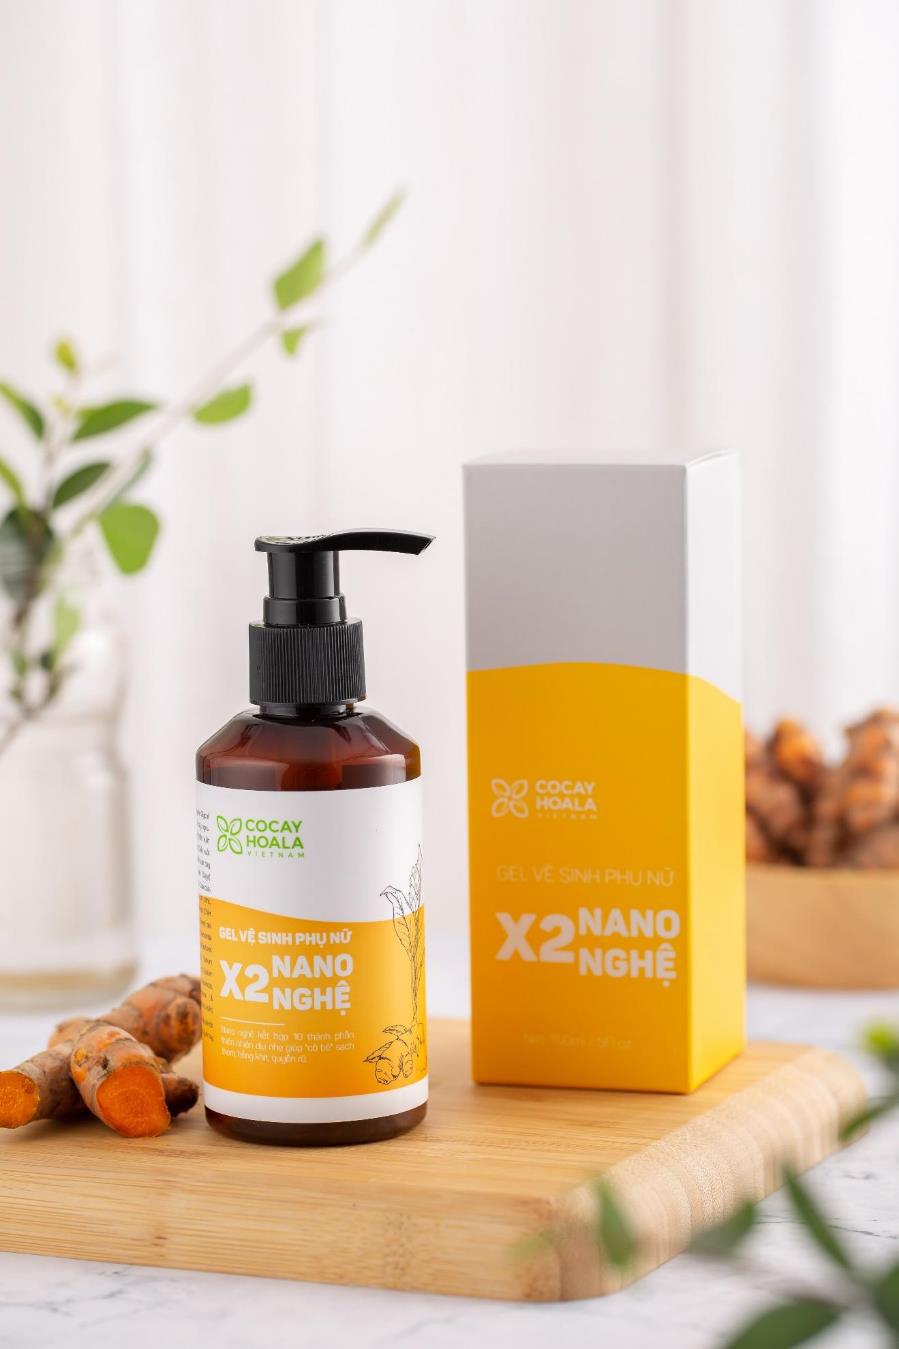 Review Gel vệ sinh phụ nữ X2 Nano nghệ - Giảm ngứa, giảm viêm, giảm mùi hôi hiệu quả sau 1 tuần sử dụng - Ảnh 5.